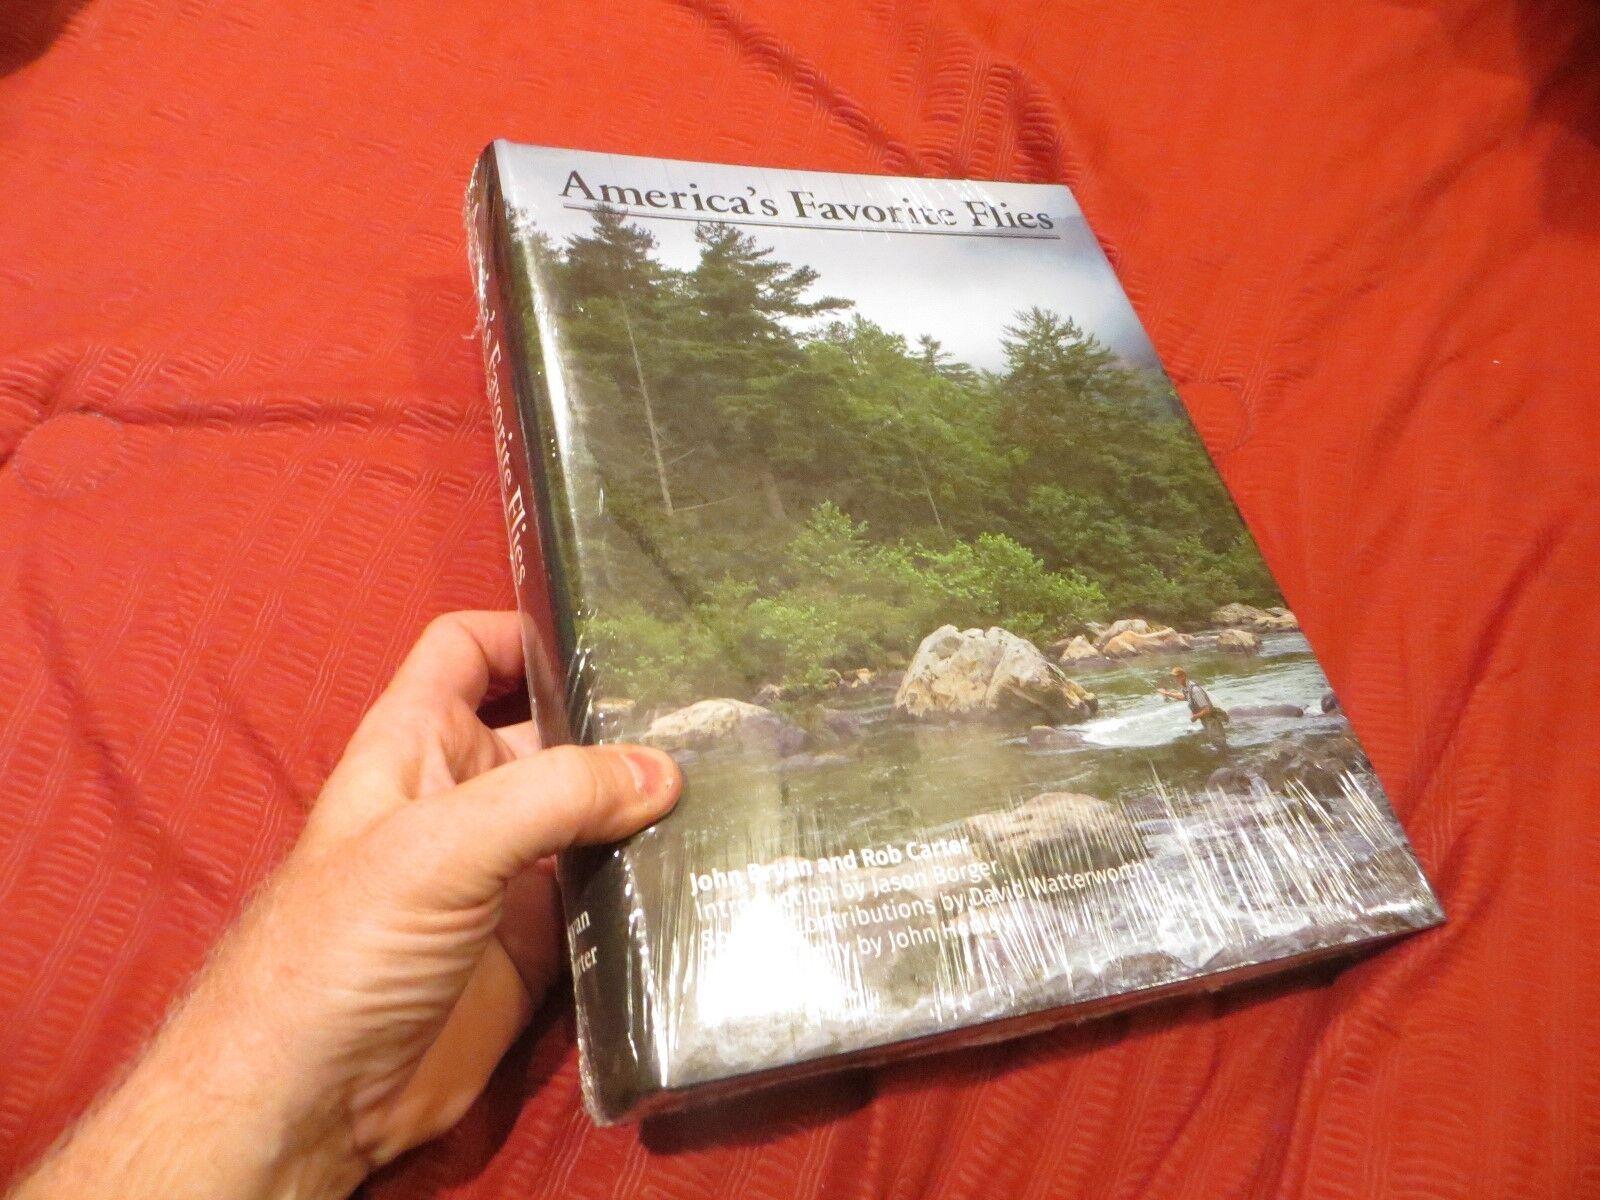 America's Favorite Moscas-libro De  Pesca Con Mosca (2017) - 656 páginas nuevo en shrinkwrap  envío gratis